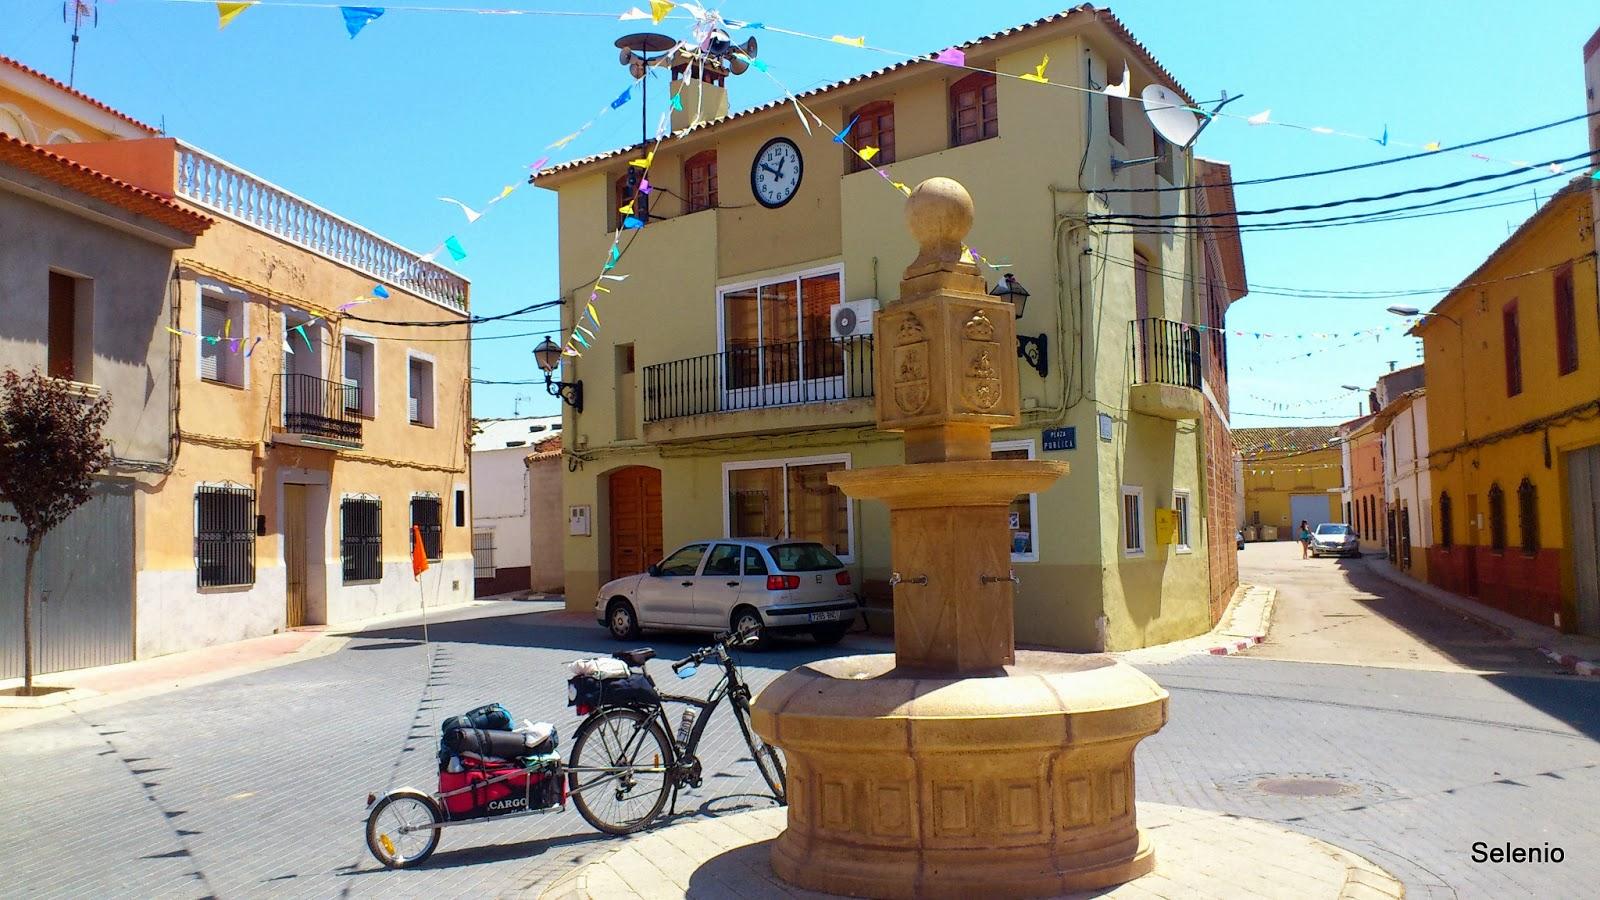 Cicloturismo dia 3 07 07 2013 alcal del j car casas ib ez - Hotel aro s casas ibanez ...